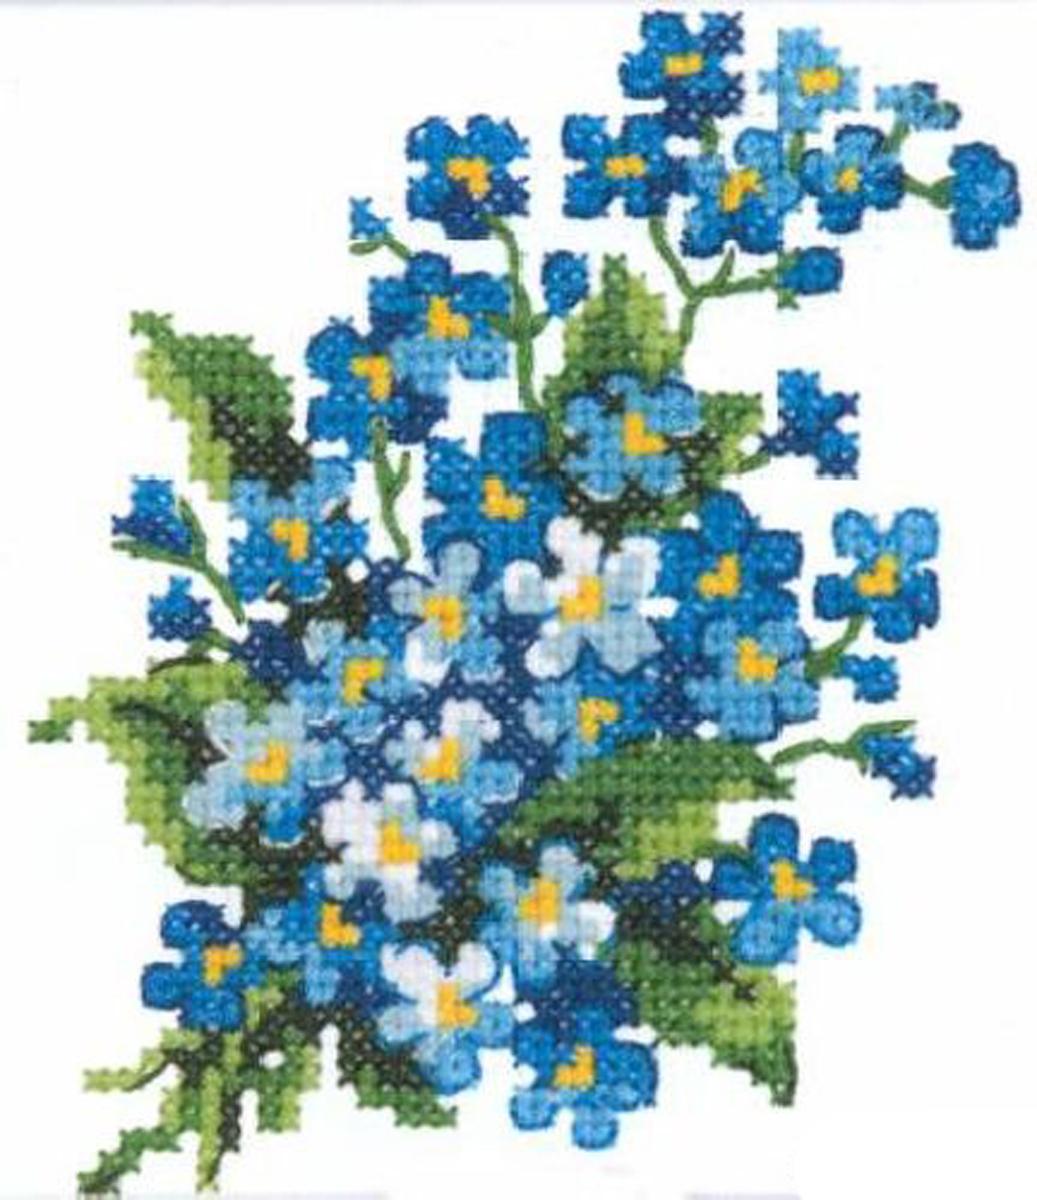 Набор для вышивания крестом Чудесная игла Незабудки, 10 х 11 см250281Набор для вышивания крестом Чудесная игла Незабудки поможет вам создать свой личный шедевр - красивую картину, вышитую в технике счетный крест. Вышивание отвлечет вас от повседневных забот и превратится в увлекательное занятие! Работа, сделанная своими руками, создаст особый уют и атмосферу в доме и долгие годы будет радовать вас и ваших близких, а подарок, выполненный собственноручно, станет самым ценным для друзей и знакомых. В набор входит: - канва Aida №14 (белого цвета), - нитки мулине Gamma (9 цветов), - игла для вышивания, - цветная схема, - инструкция на русском языке. Размер готовой работы: 10 х 11 см. Размер канвы: 21,5 х 20,5 см.